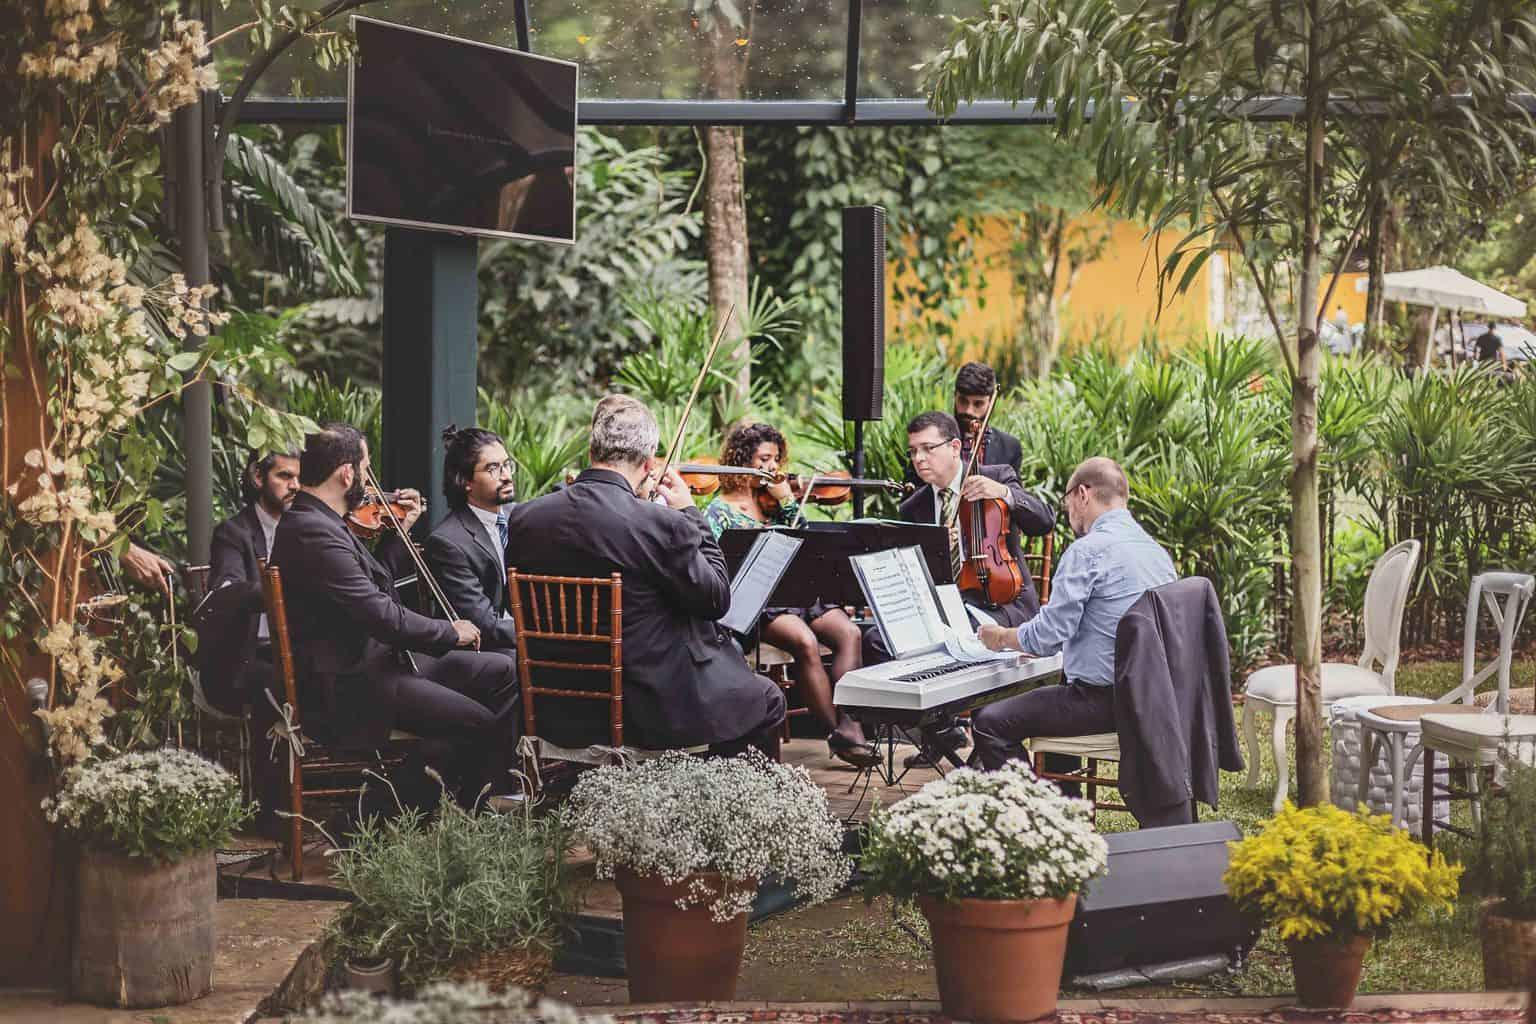 casamento-Ana-Cecilia-e-Leonardo-casamento-na-serra-graviola-filmes-graviolafilmes-laura-camapnella-de-siervi-lauracampanella-musica-cerimonia-orquestra-studio-laura-camapnella1